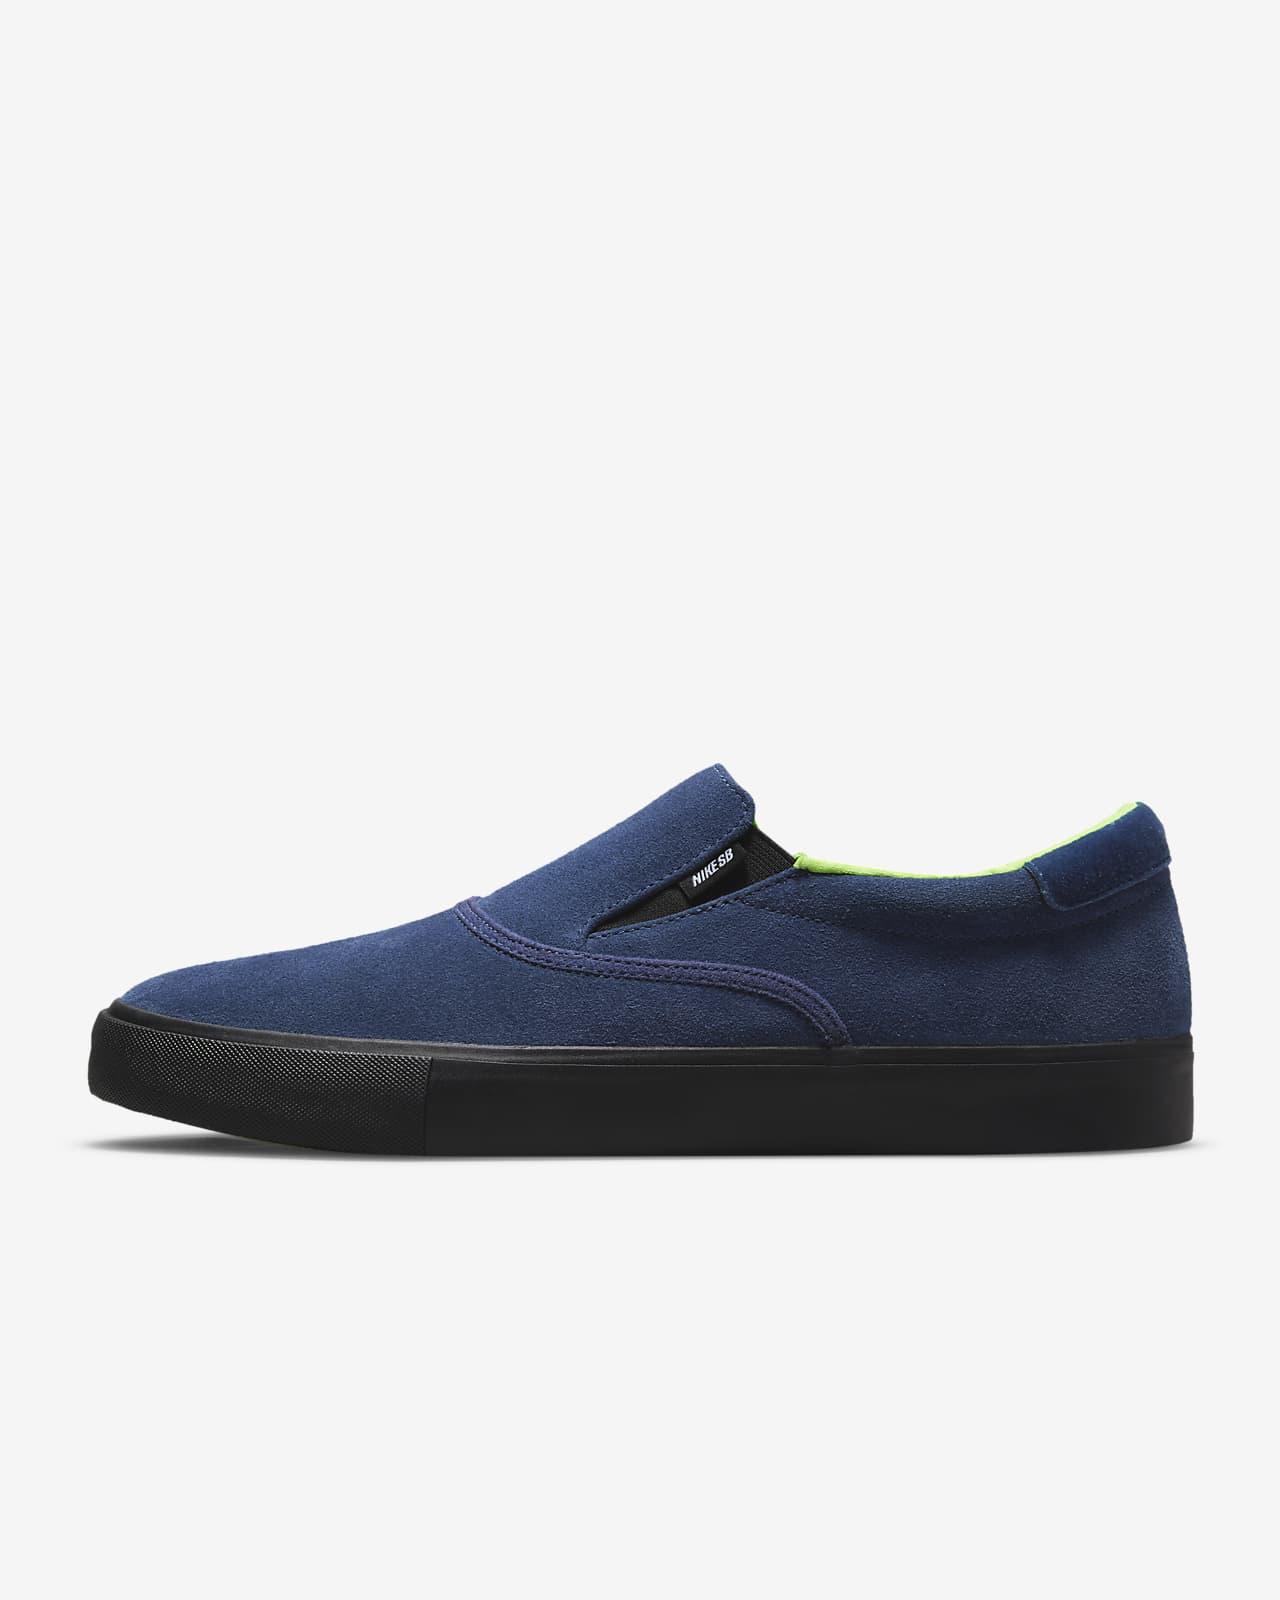 Παπούτσι skateboarding Nike SB Zoom Verona Slip x Leo Baker